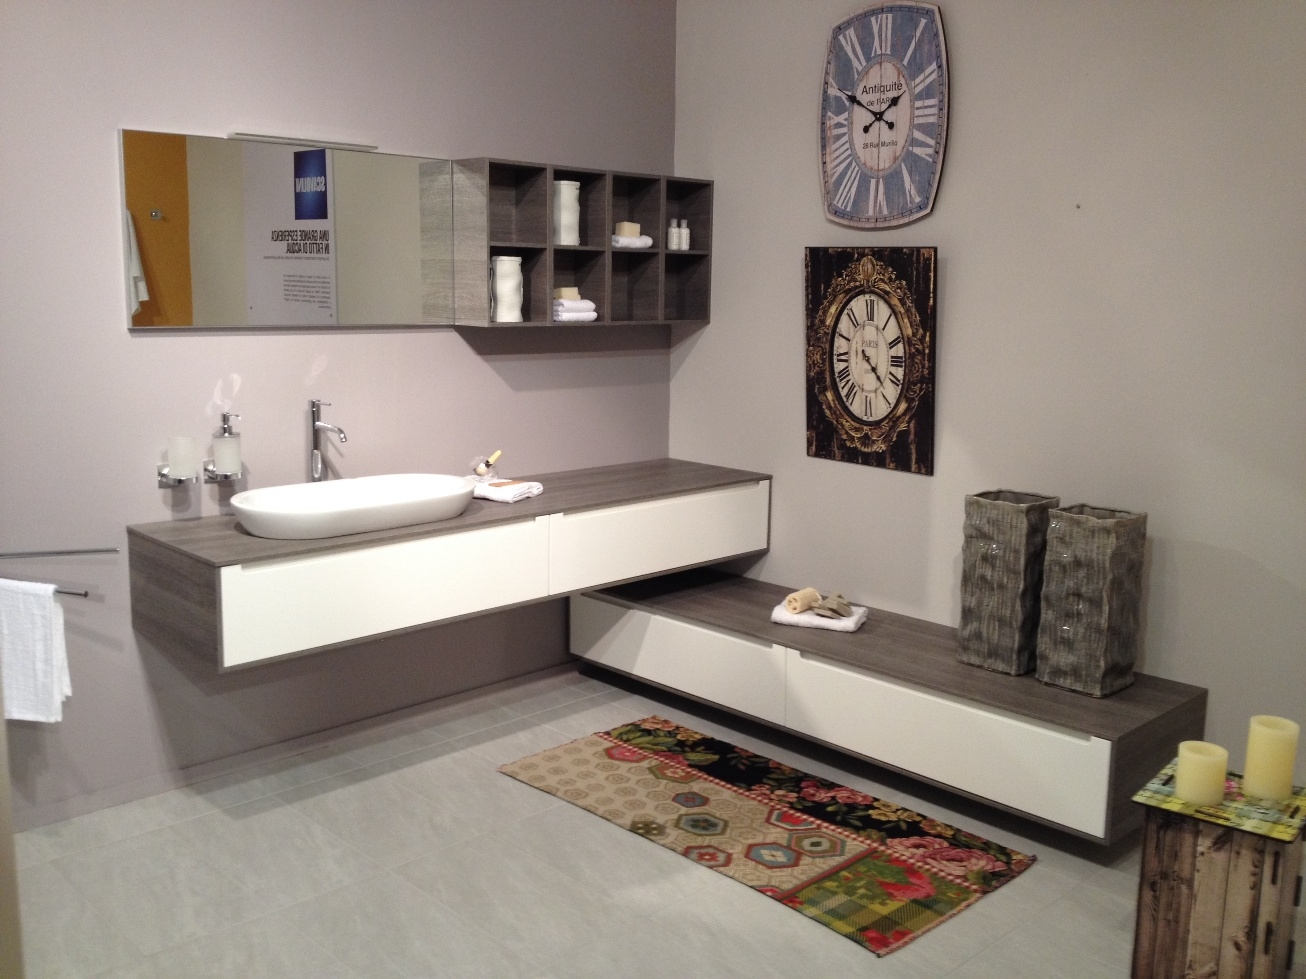 scavolini idro laccato opaco - arredo bagno a prezzi scontati - Bagni Moderni Beige E Marrone